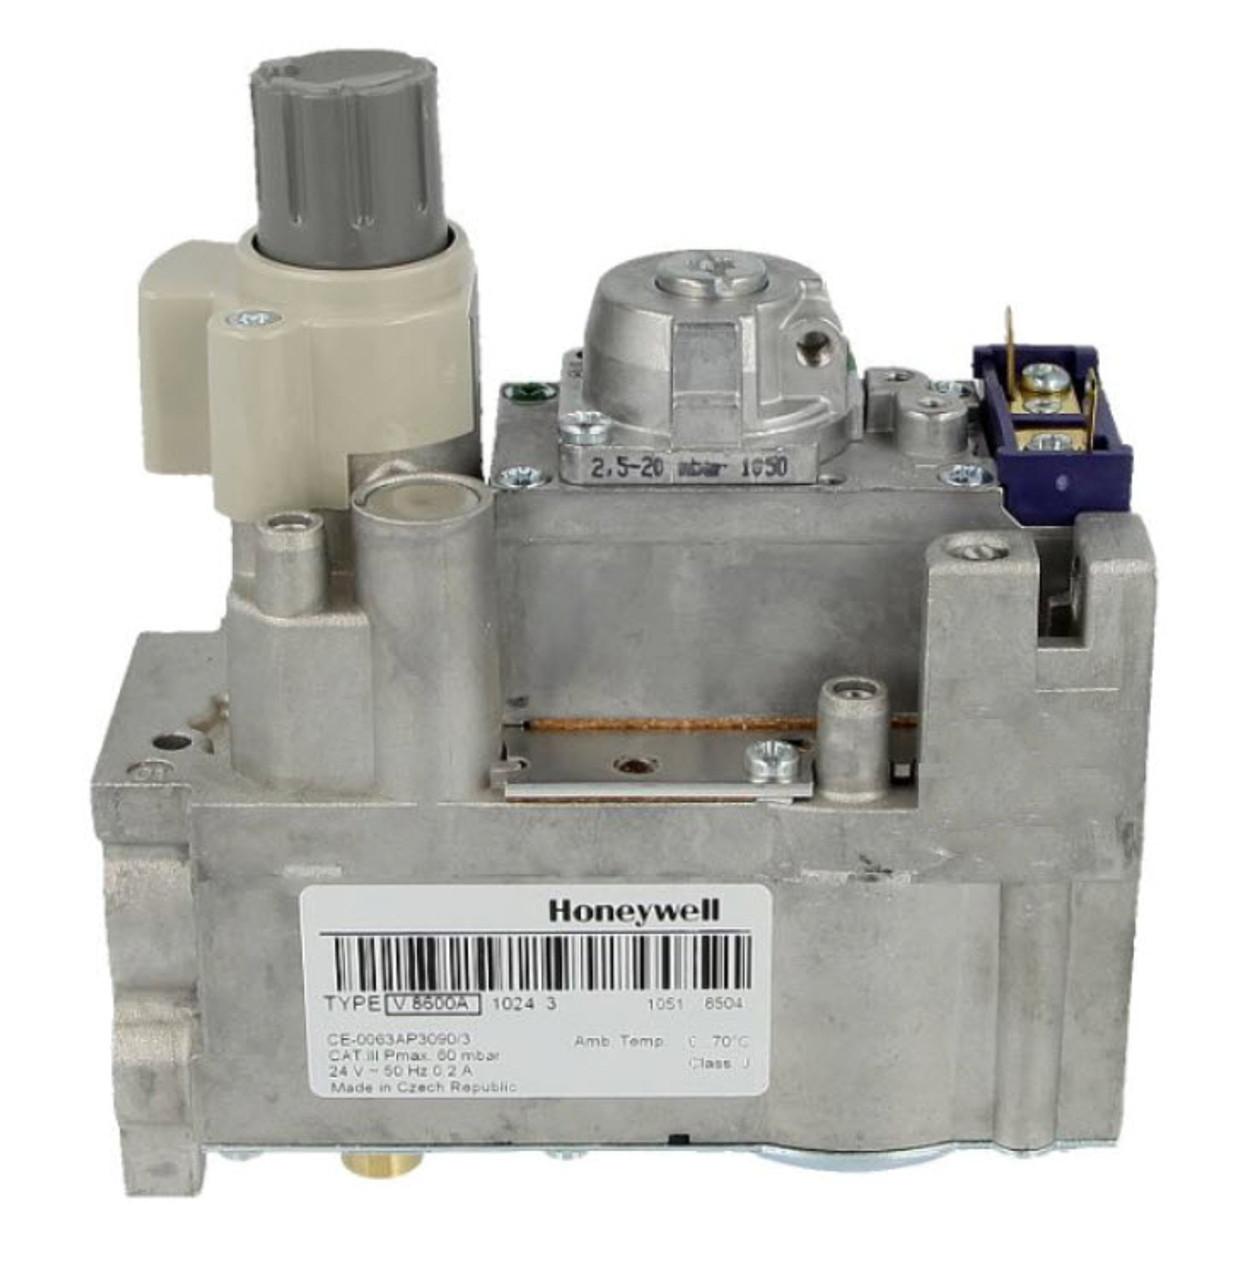 Honeywell V8600A1024U Gas control block